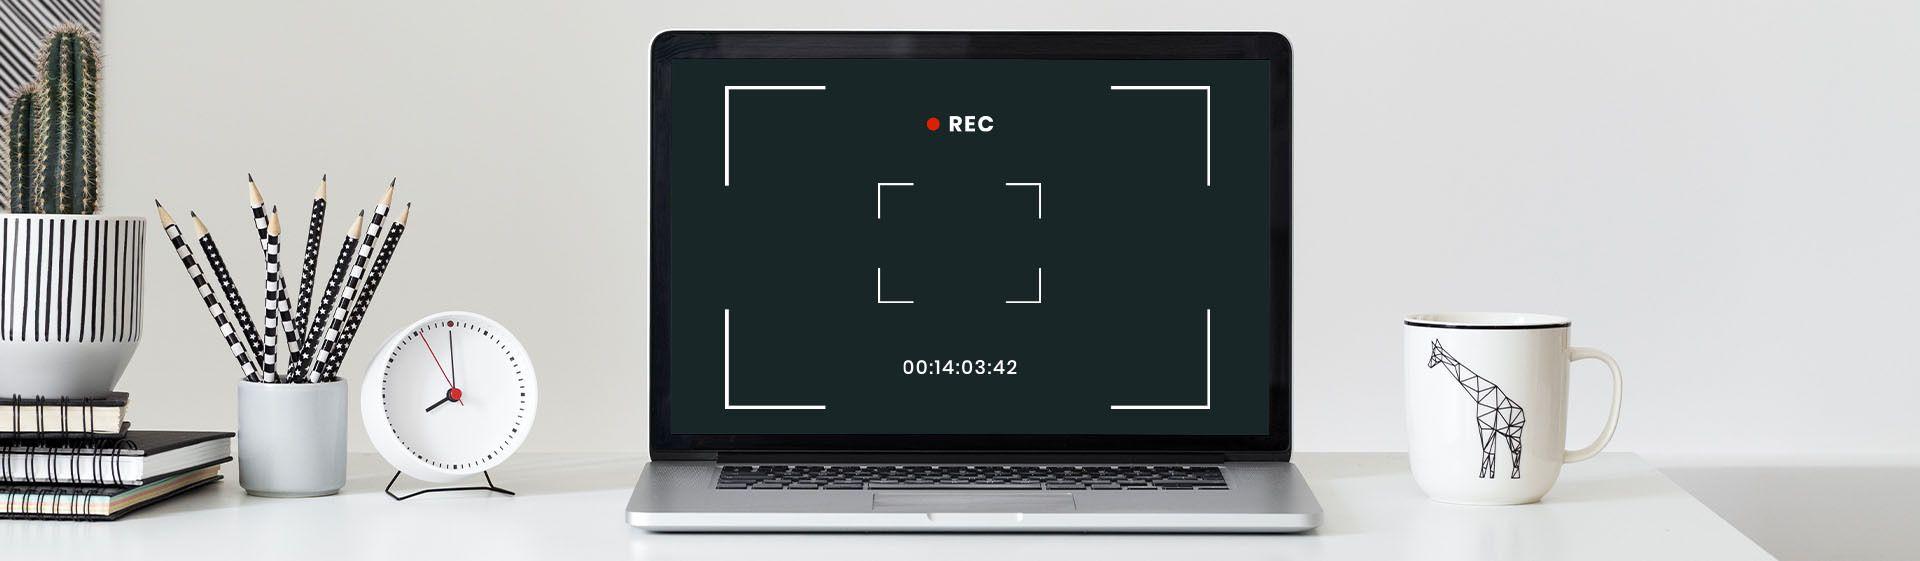 Como gravar a tela do PC ou notebook